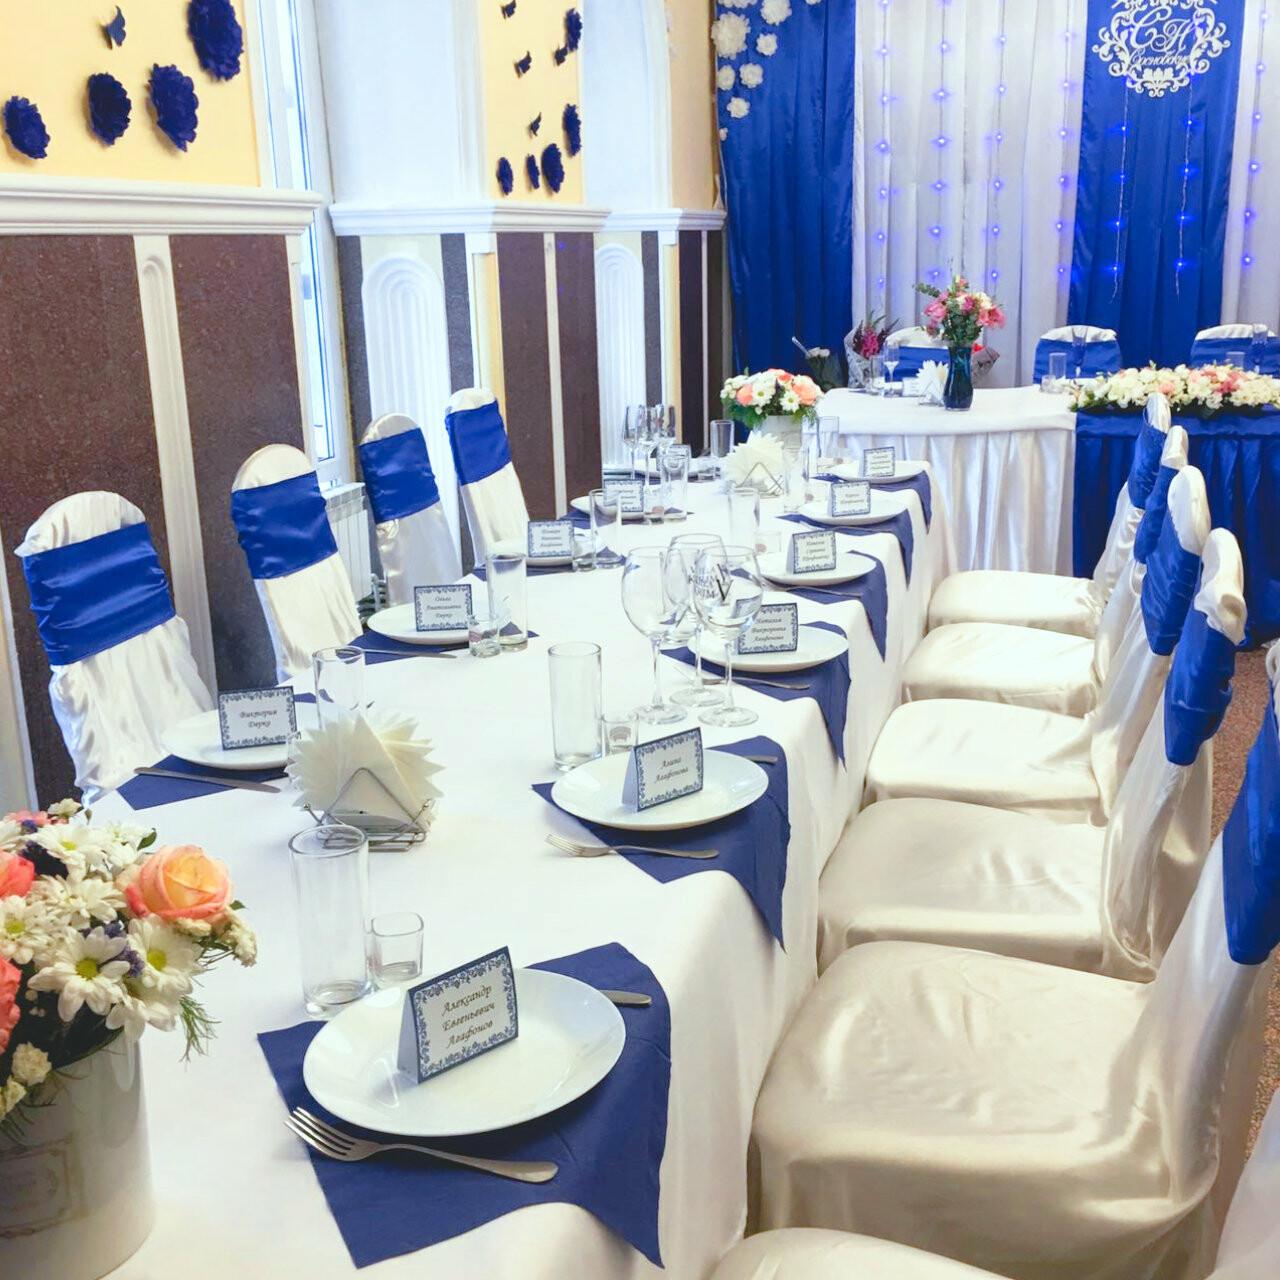 Где отметить свадьбу в Запорожье, Свадебный банкет в Запорожье, Ресторан для свадьбы в Запорожье Раут, Свадьба в Запорожье, Заказать зал для свадьб...